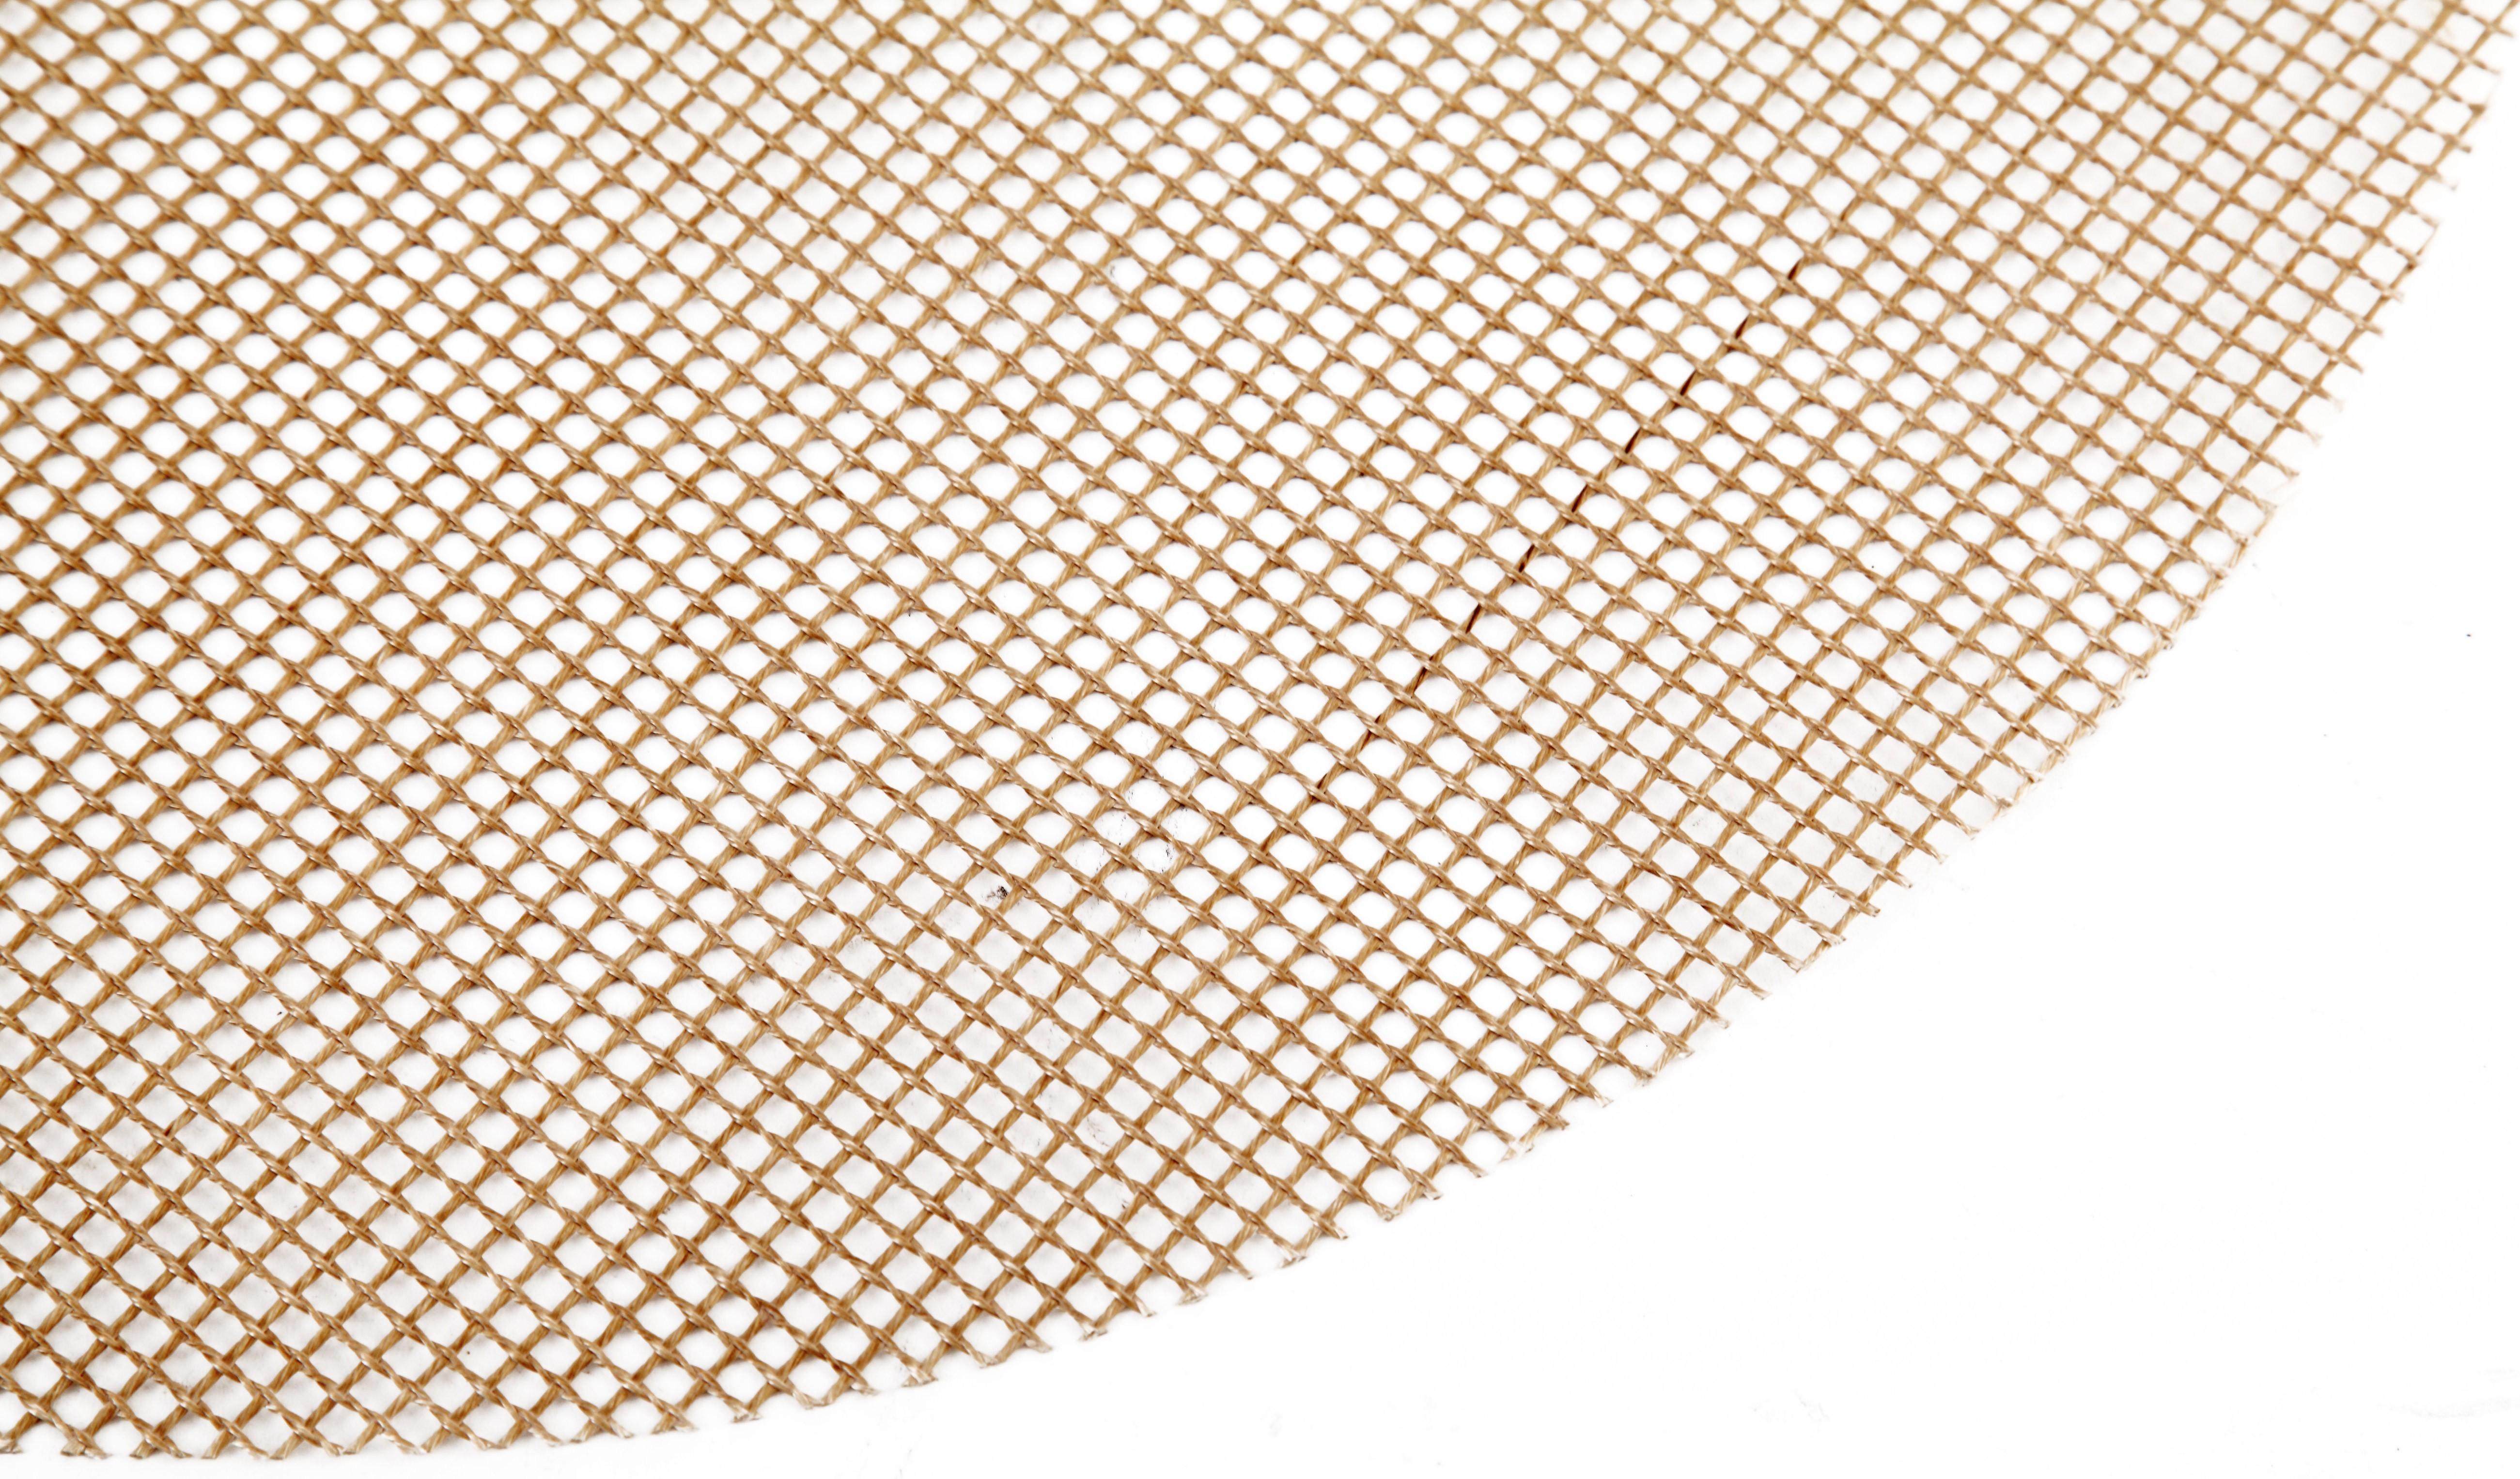 Tepro Grillmatte / Backmatte antihaftbeschichtet rund Ø52cm Bild 2